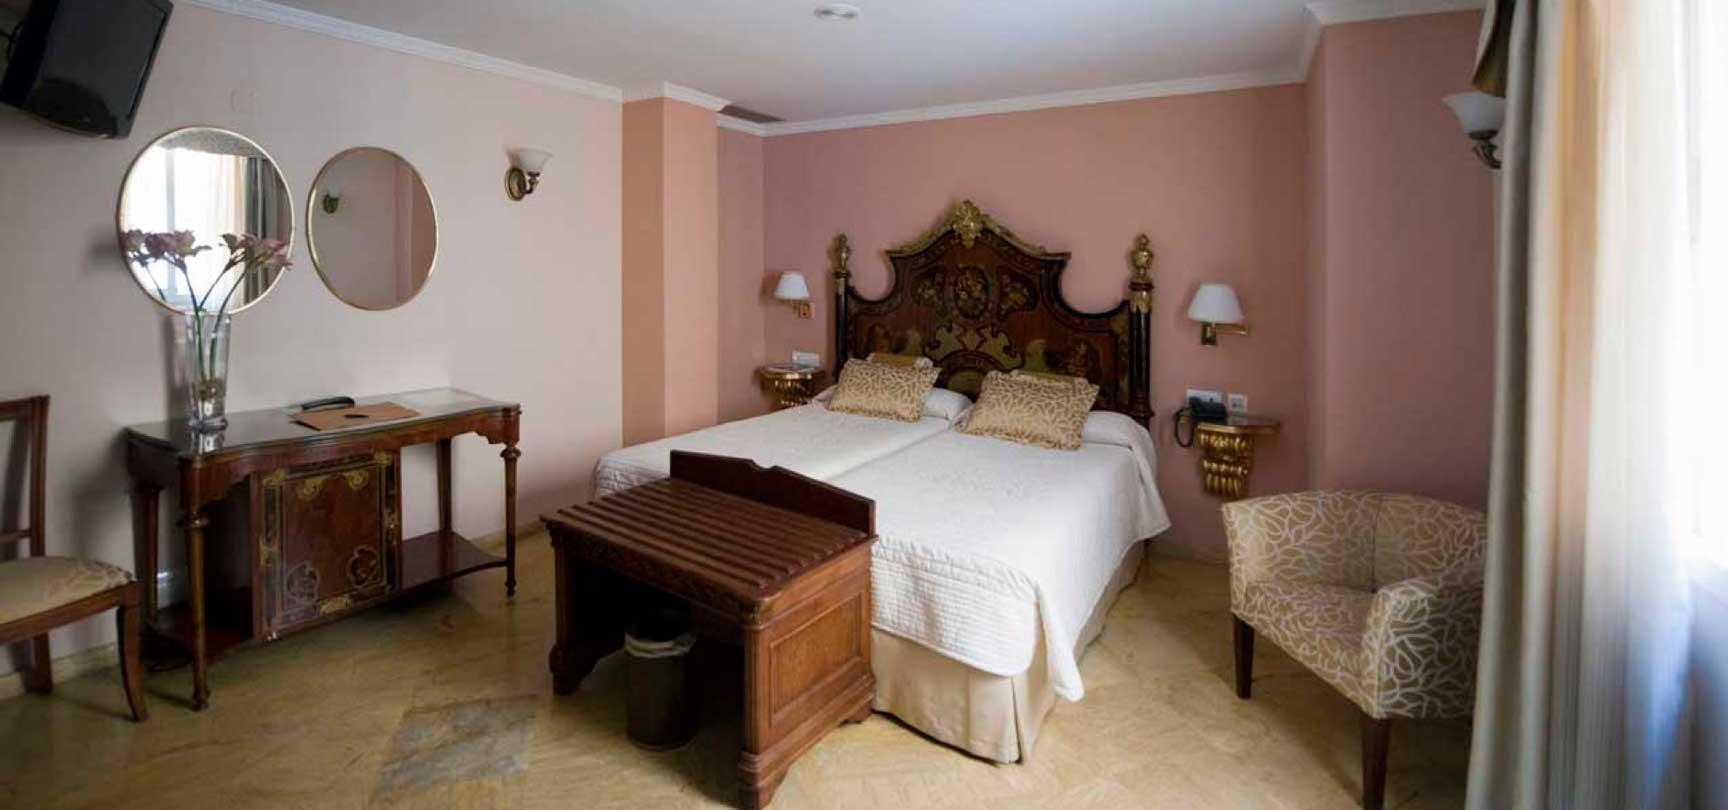 Hôtels dans le centre de Séville